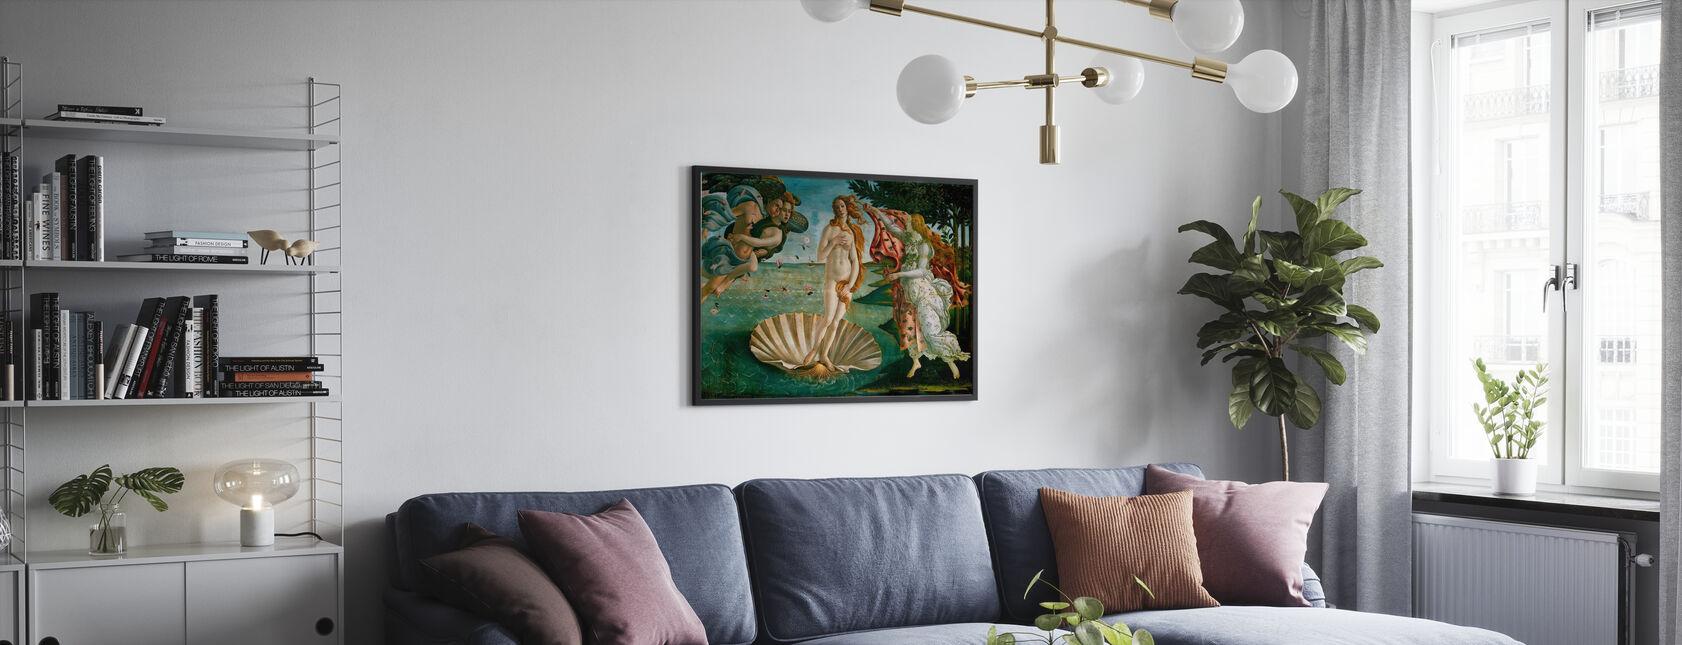 Sandro Botticelli - Geburt der Venus - Poster - Wohnzimmer